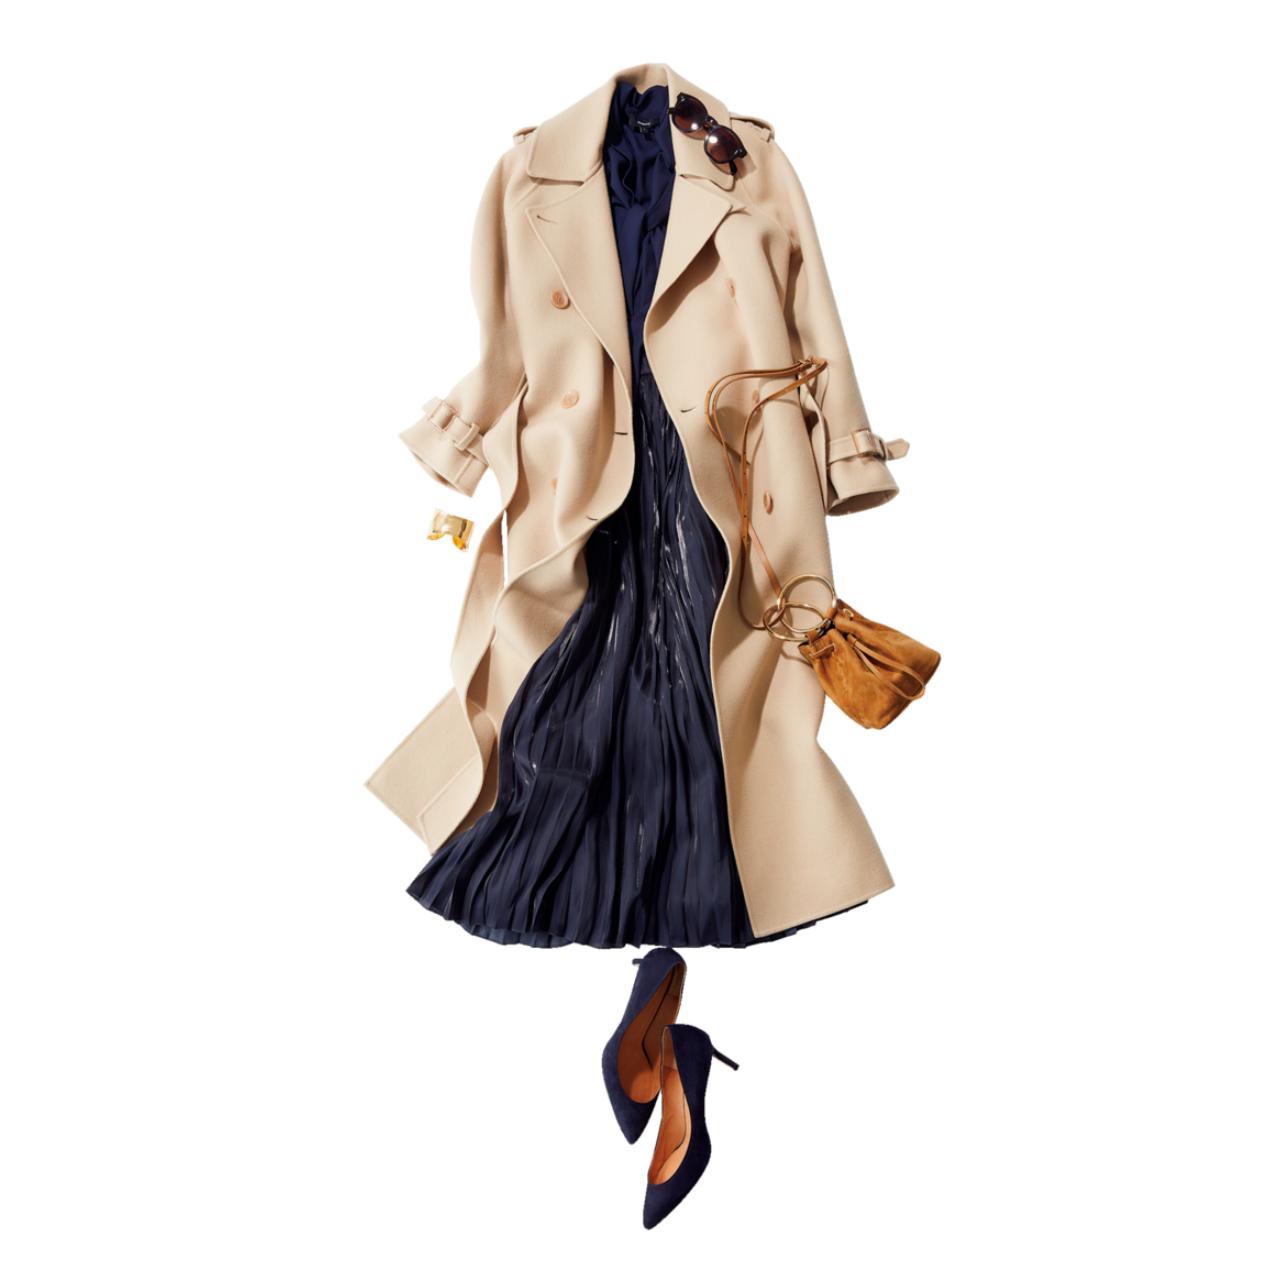 ベージュのトレンチコート×ボウタイブラウス&プリーツスカートのファッションコーデ